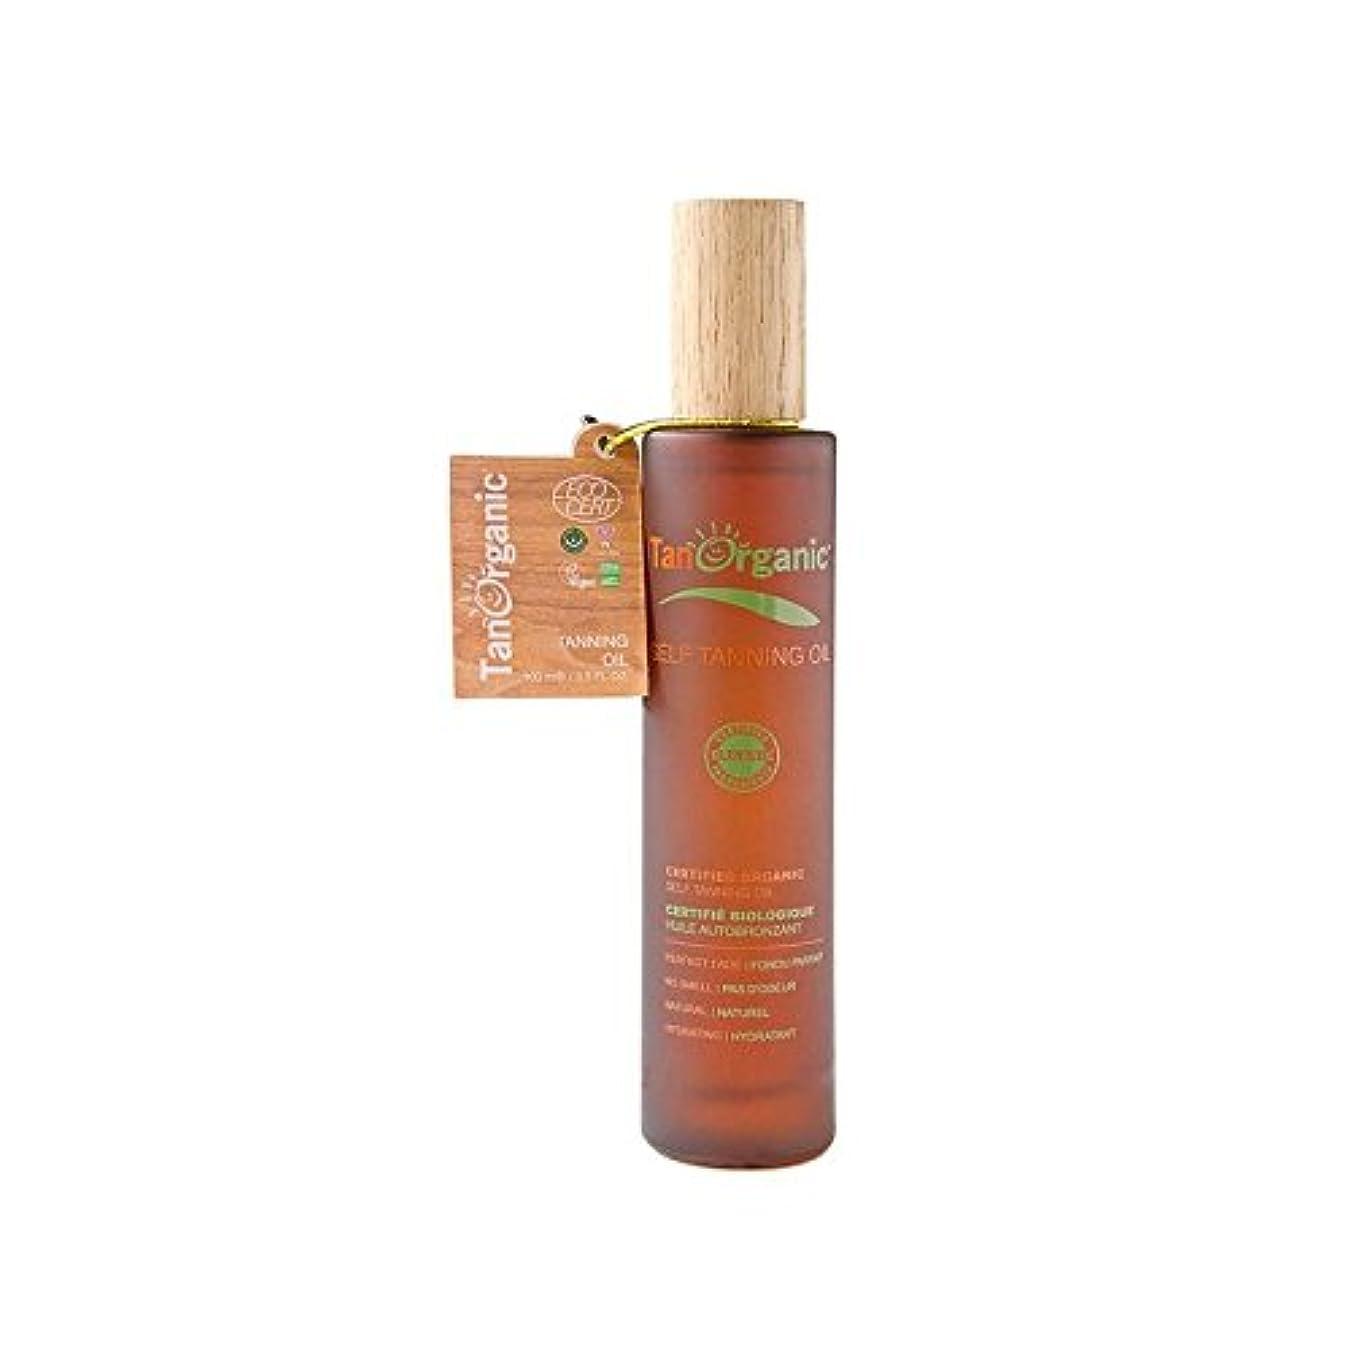 隙間協力するタンザニアTanorganic自己日焼け顔&ボディオイル (Tan Organic) (x 6) - TanOrganic Self-Tan Face & Body Oil (Pack of 6) [並行輸入品]